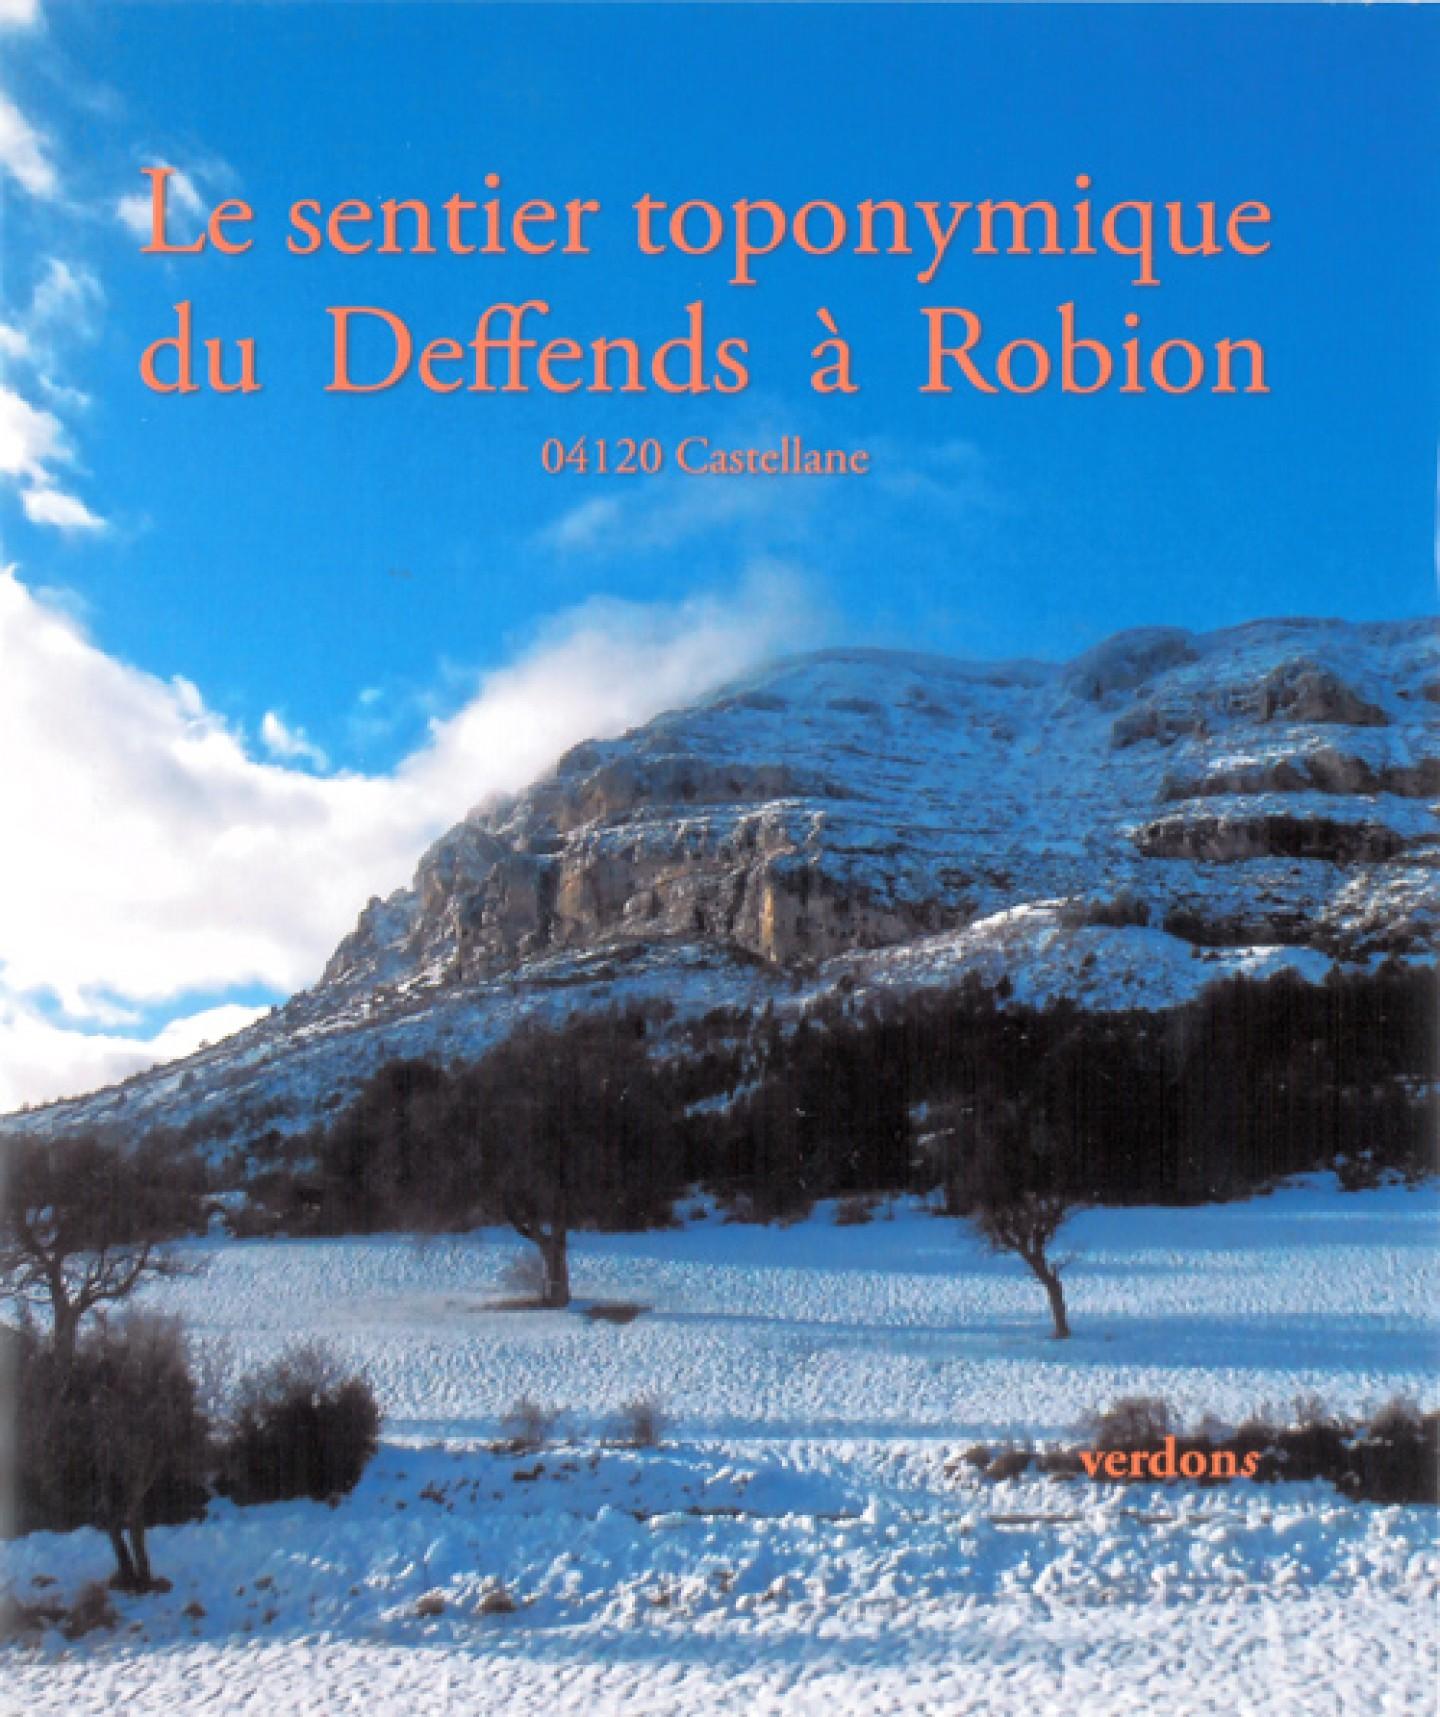 Le sentier toponymique du Deffends à Robion